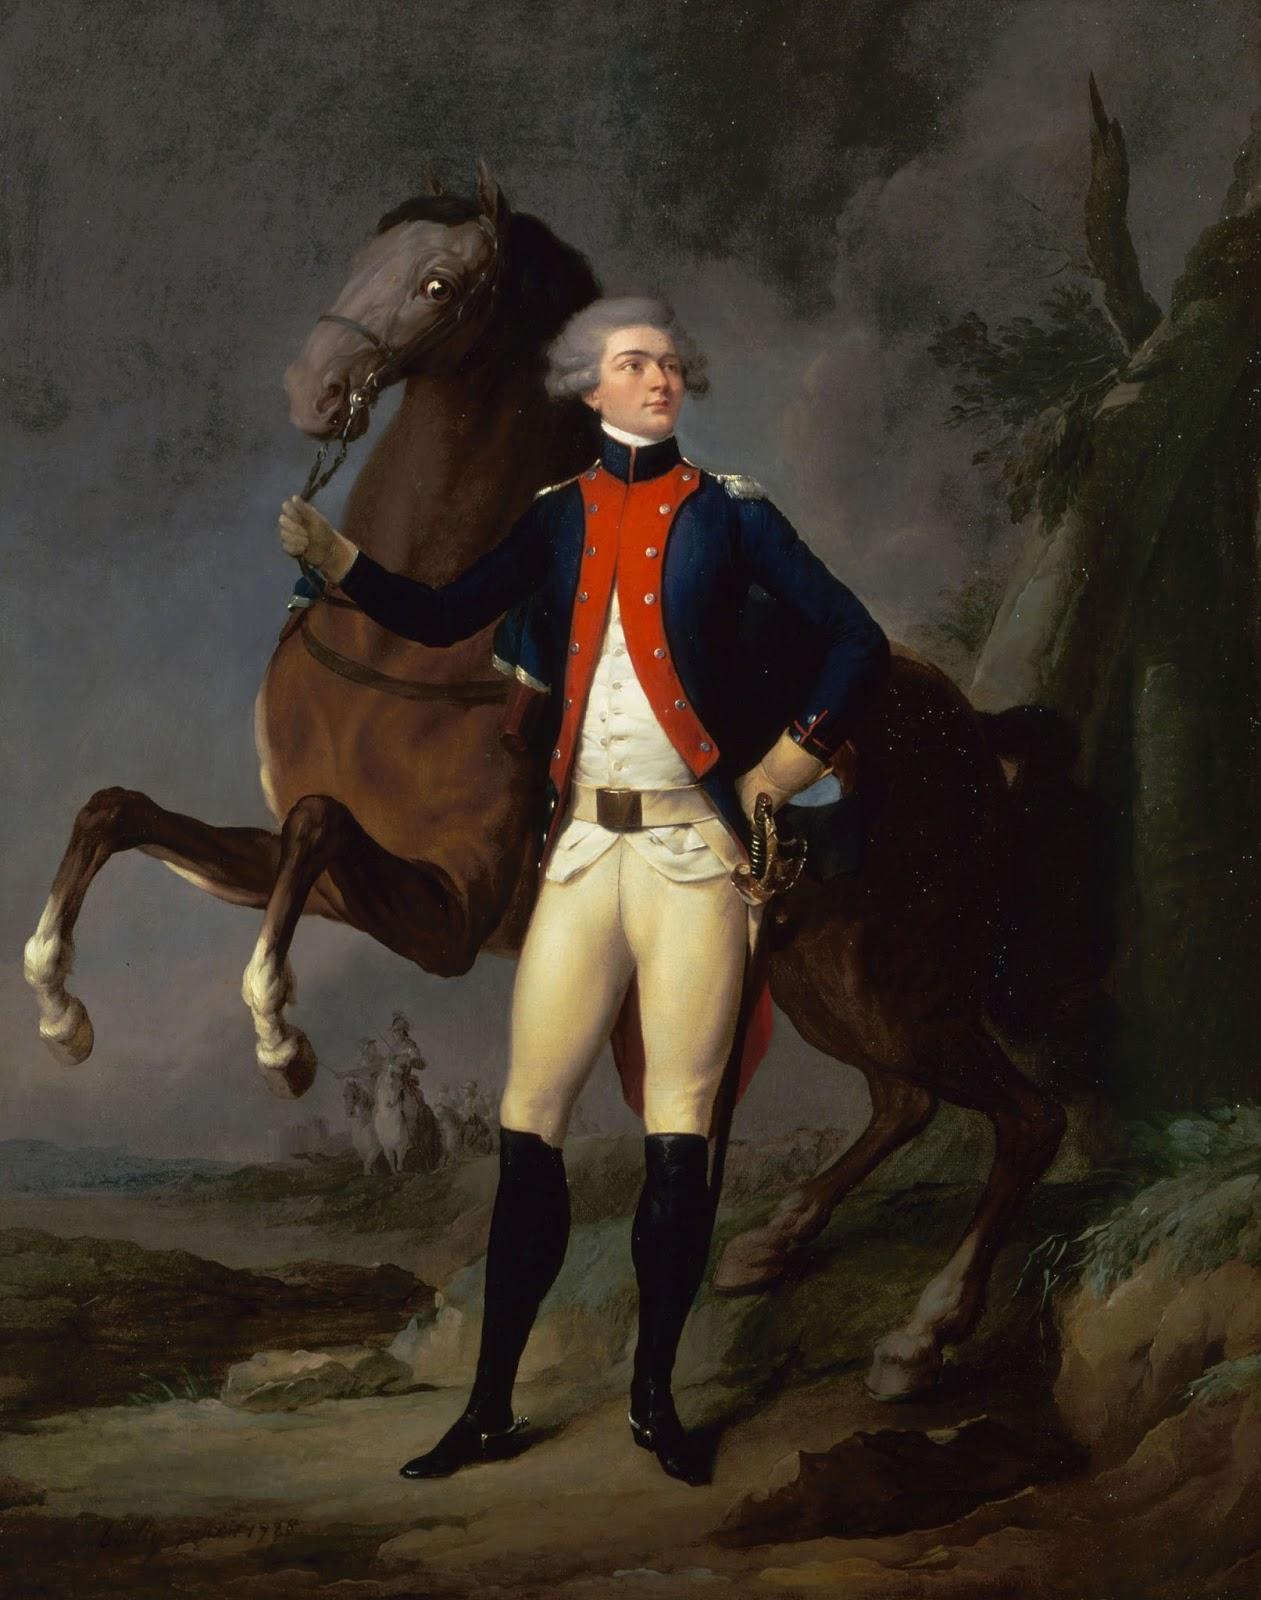 etc TARHTEN BUGNE DEN NOTLAR 26 AUSTOS 1789